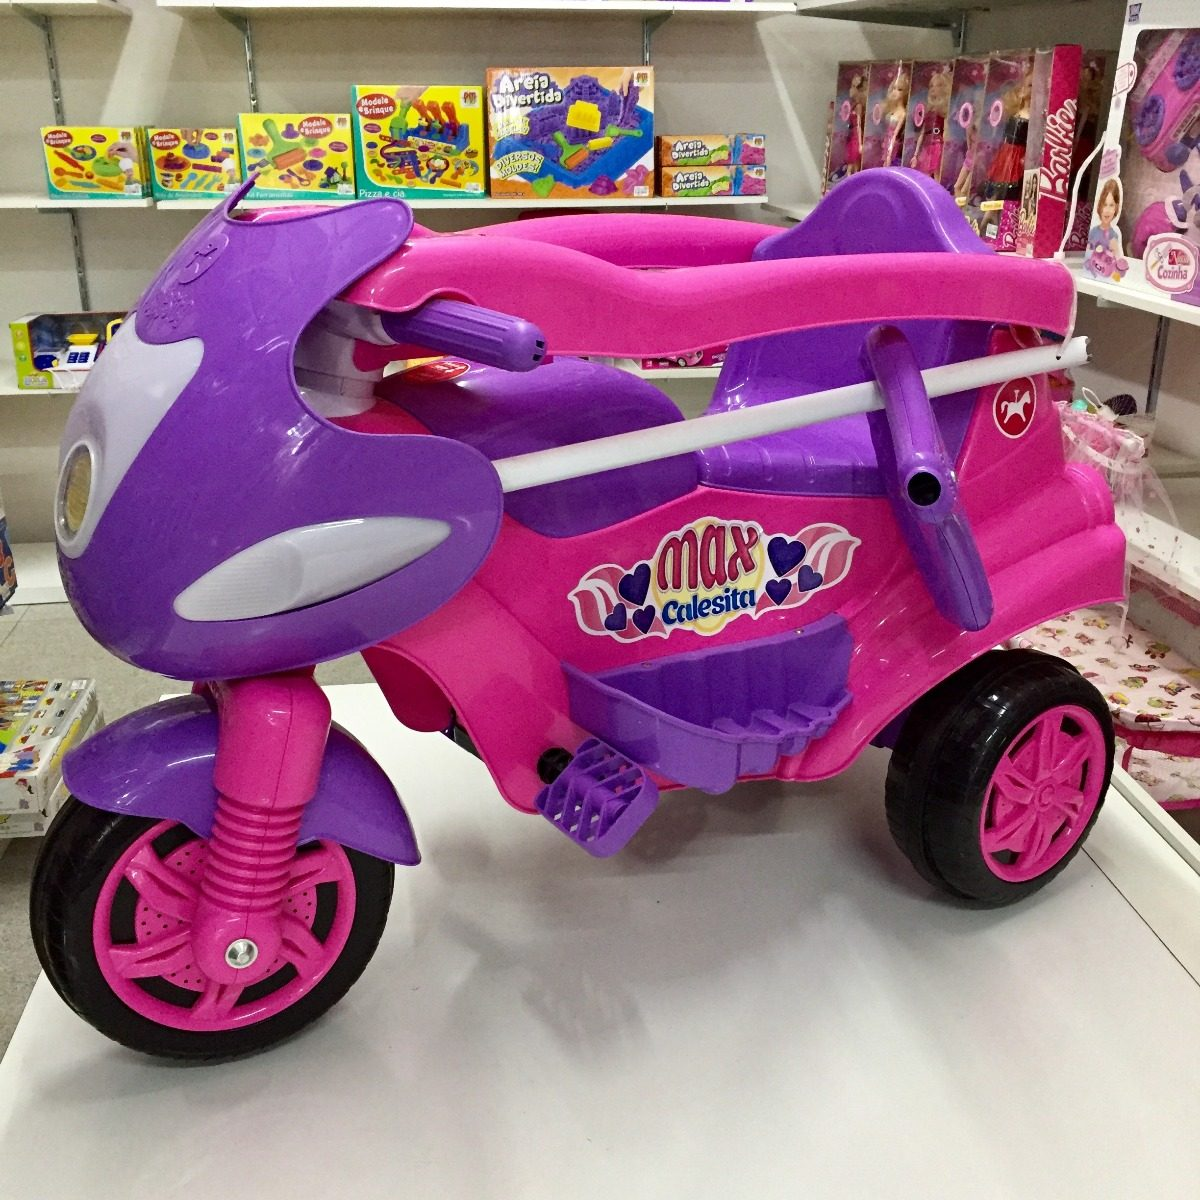 82f4a832e9 triciclo carrinho passeio max calesita menina frete grátis. Carregando zoom.